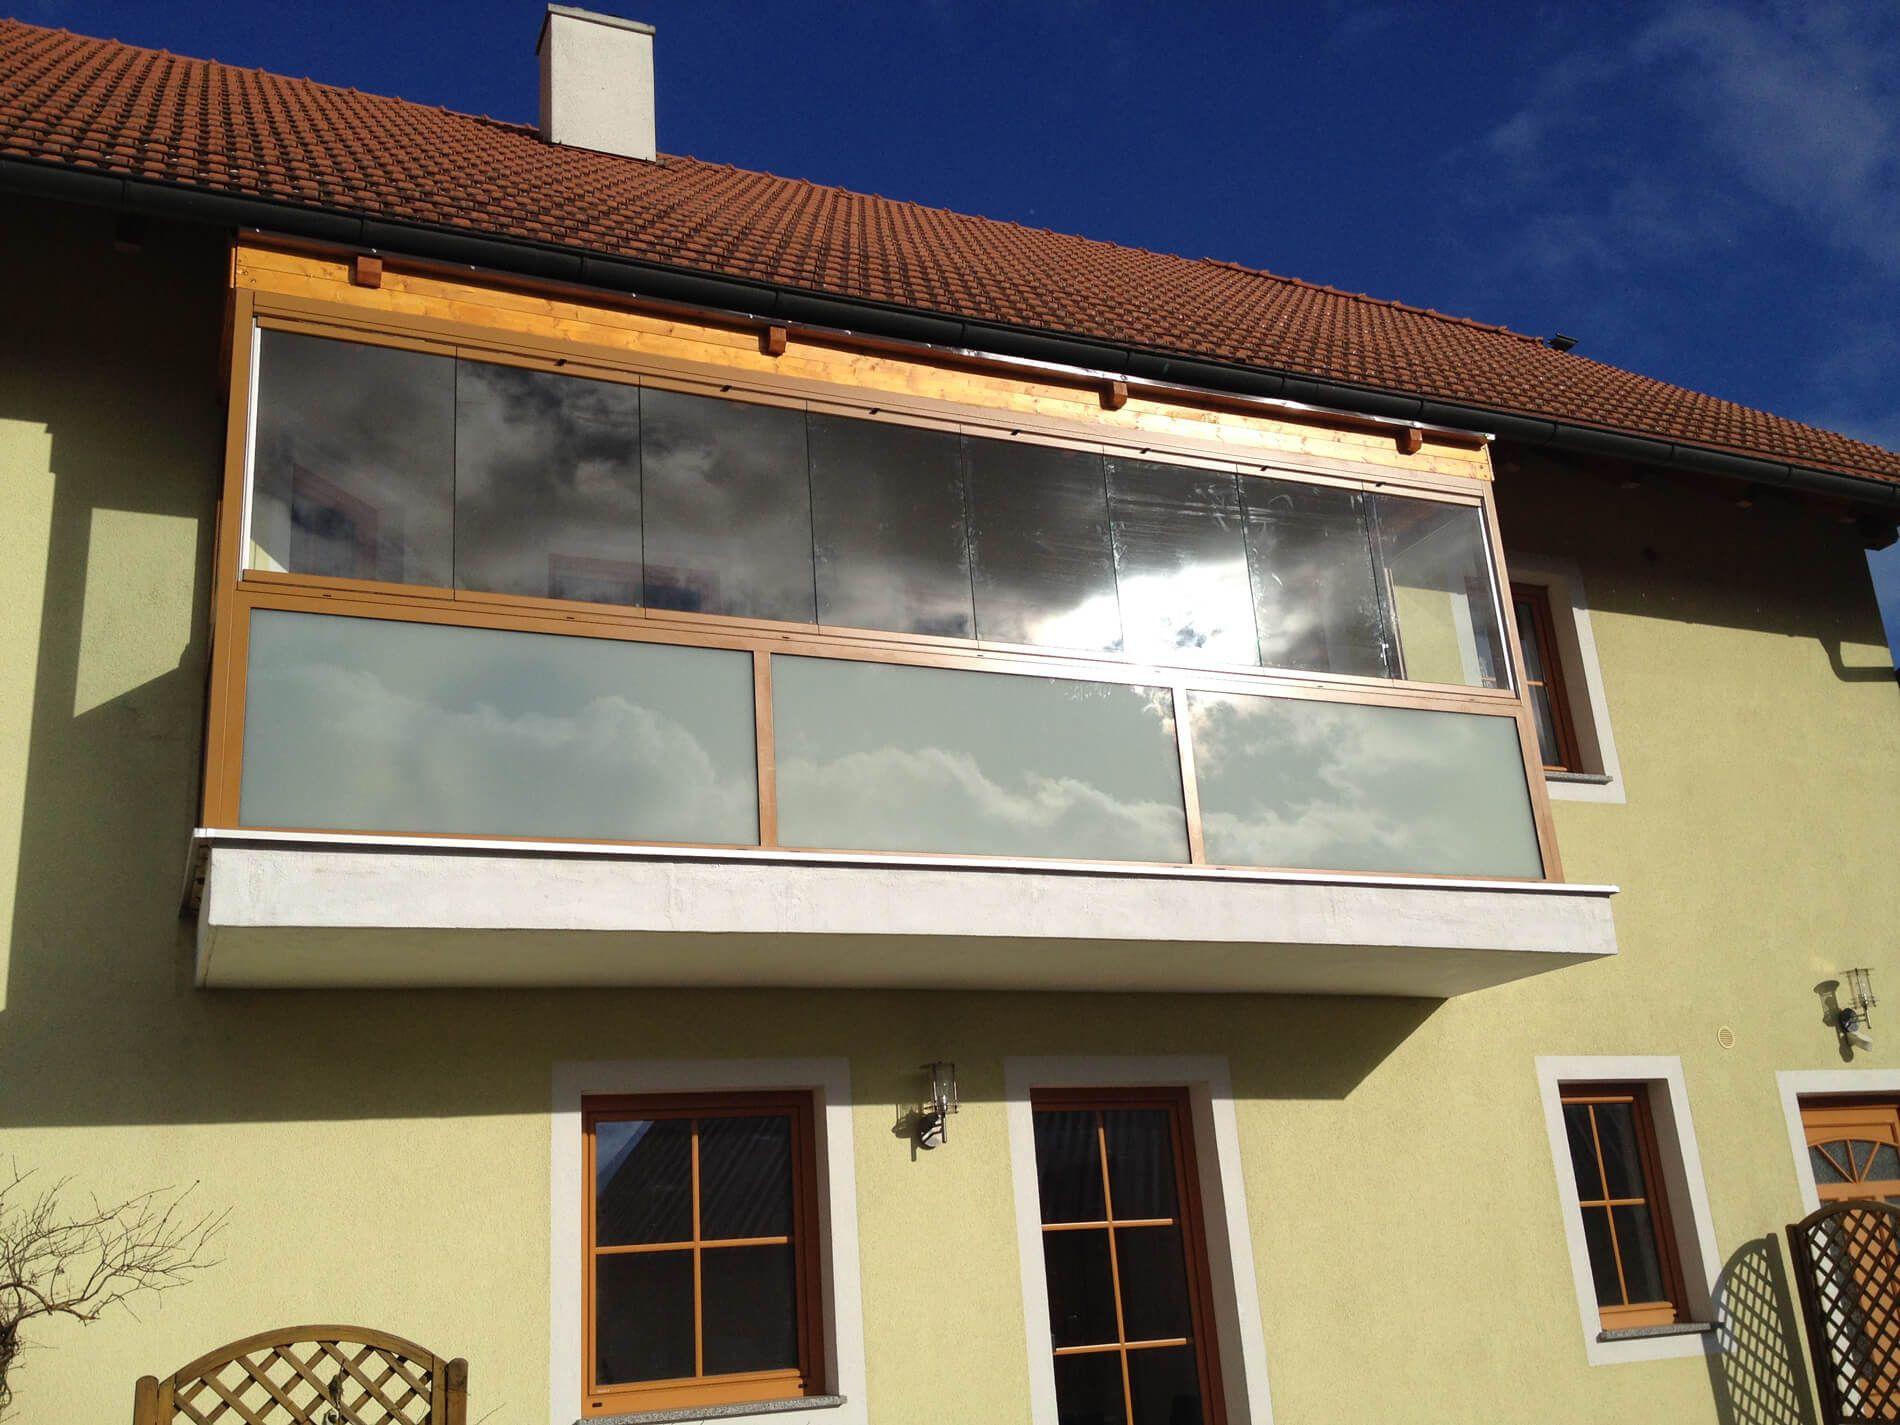 Faltfenster Wintergarten ~ Balkonverglasung mit sunflex sf glas faltfenster